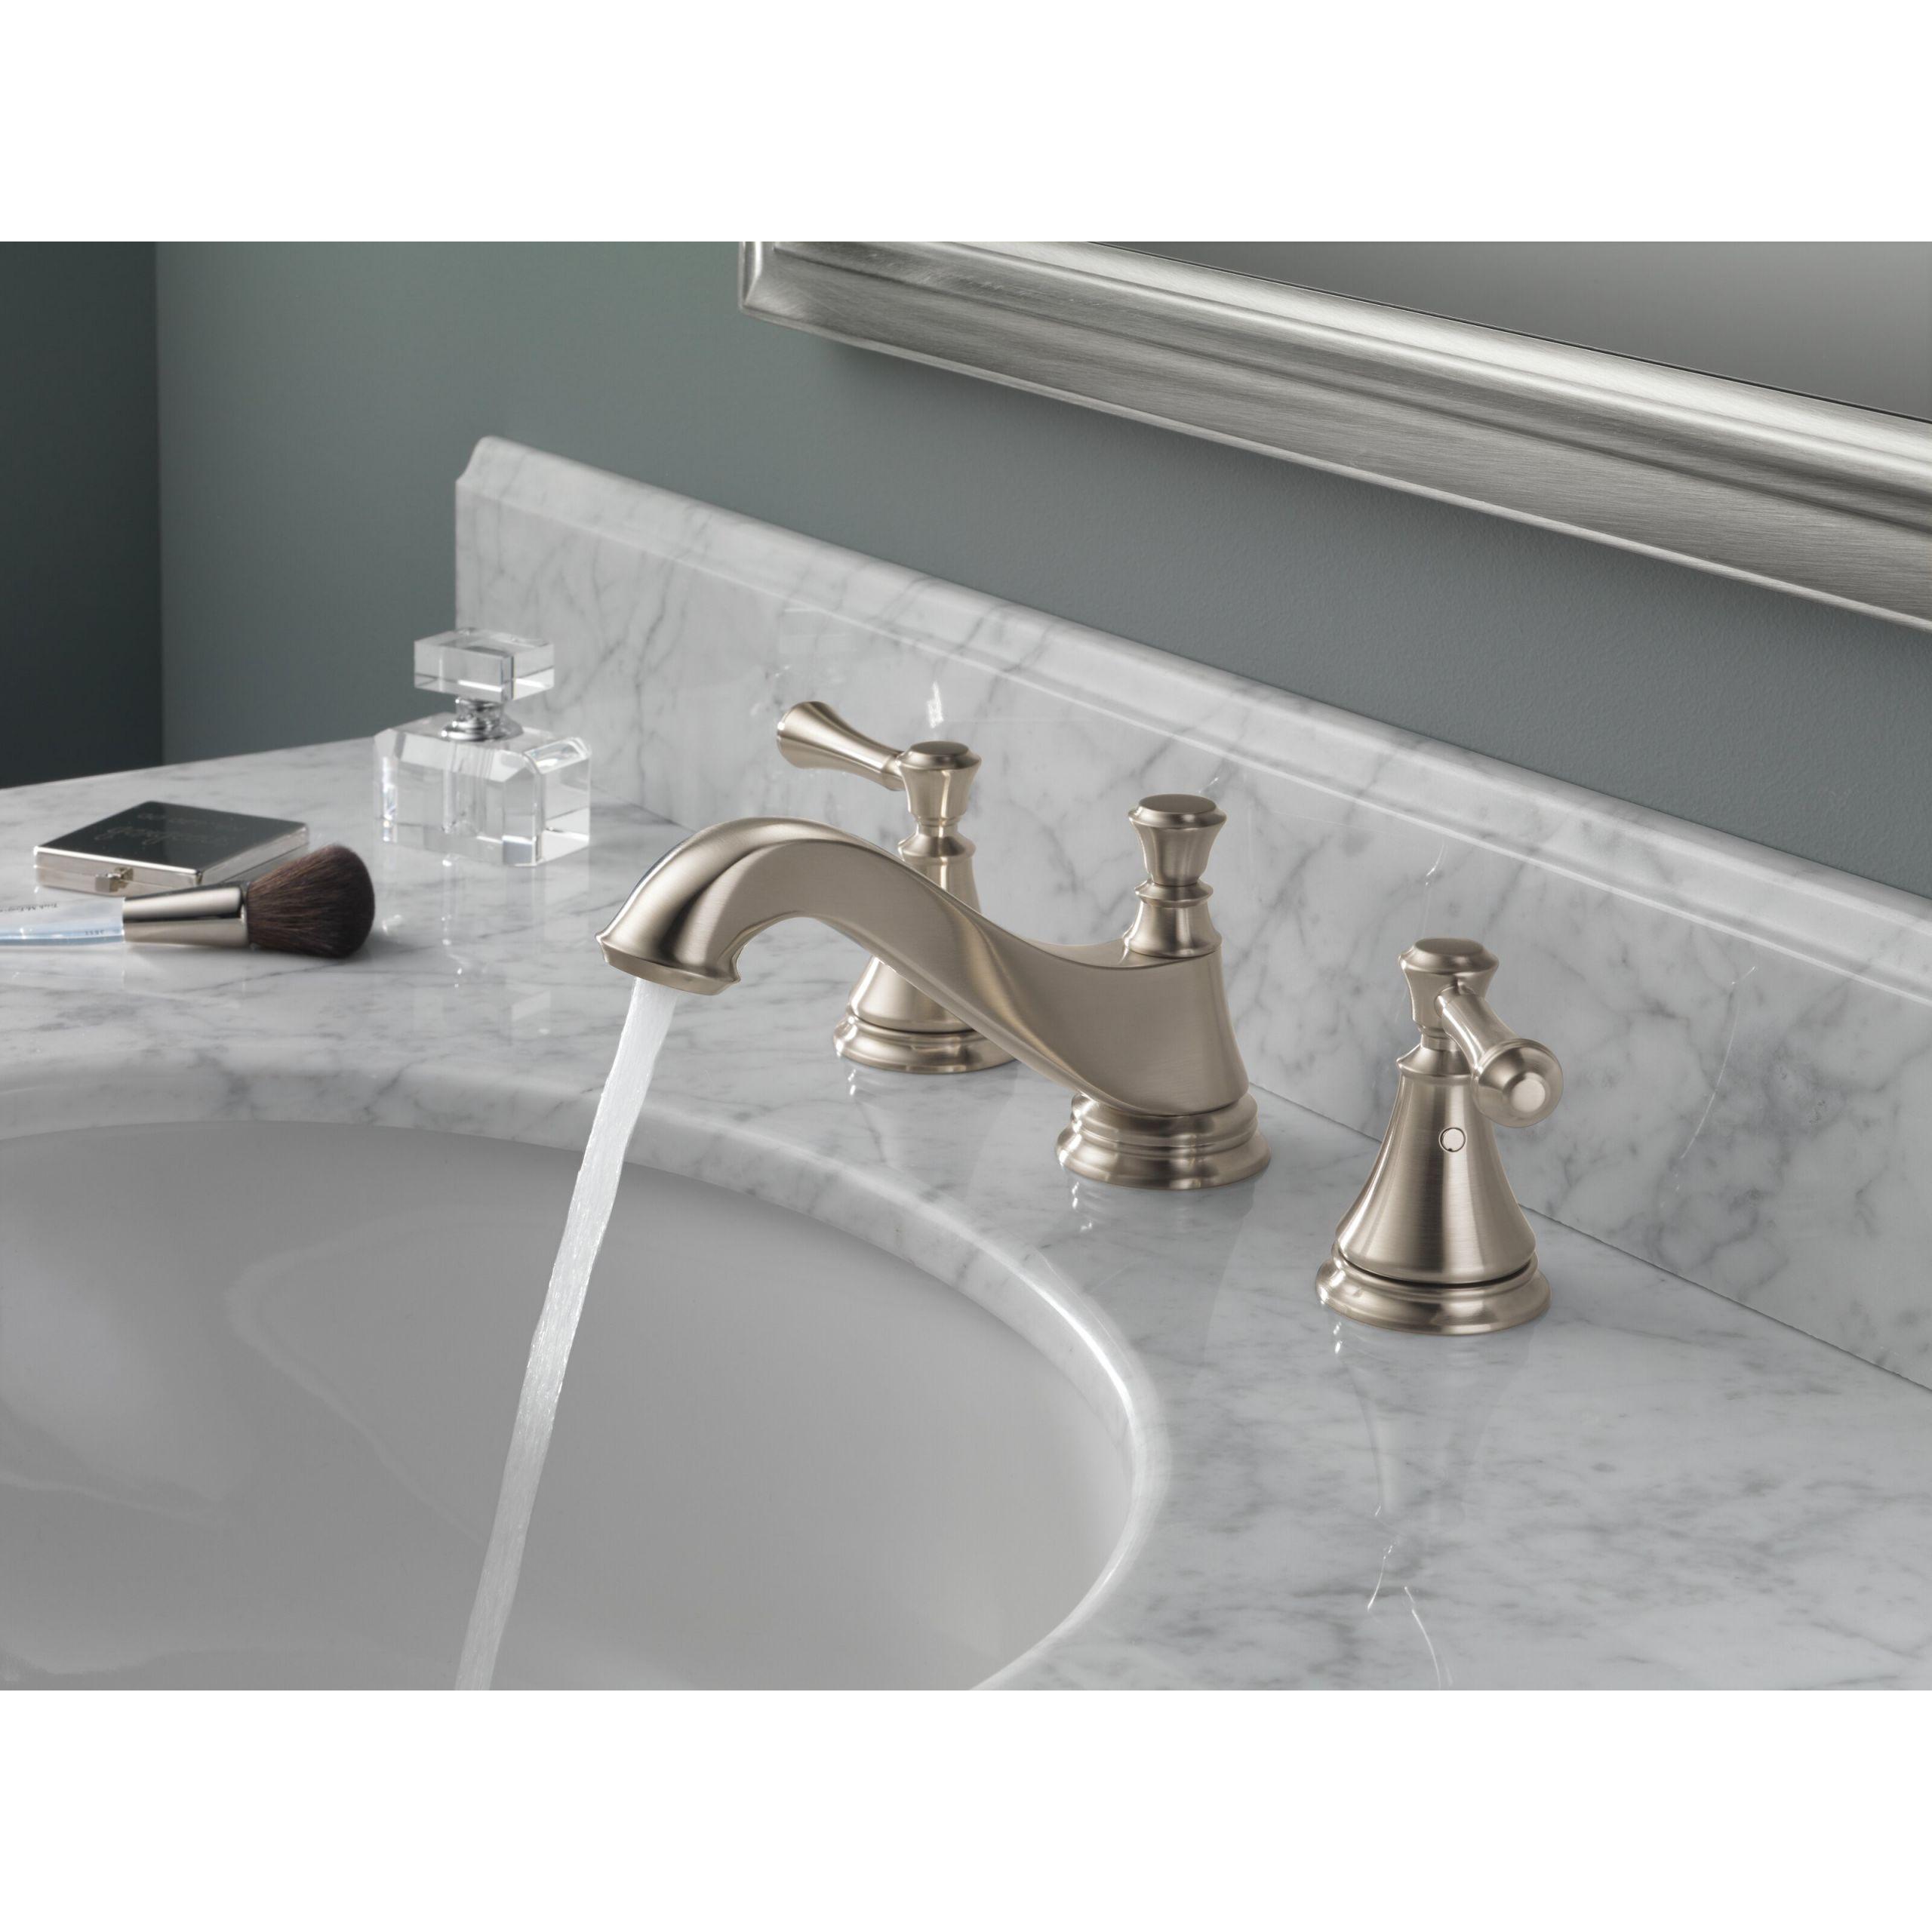 Delta Bathroom Sink Faucet  Delta Cassidy Double Handle Widespread Bathroom Faucet